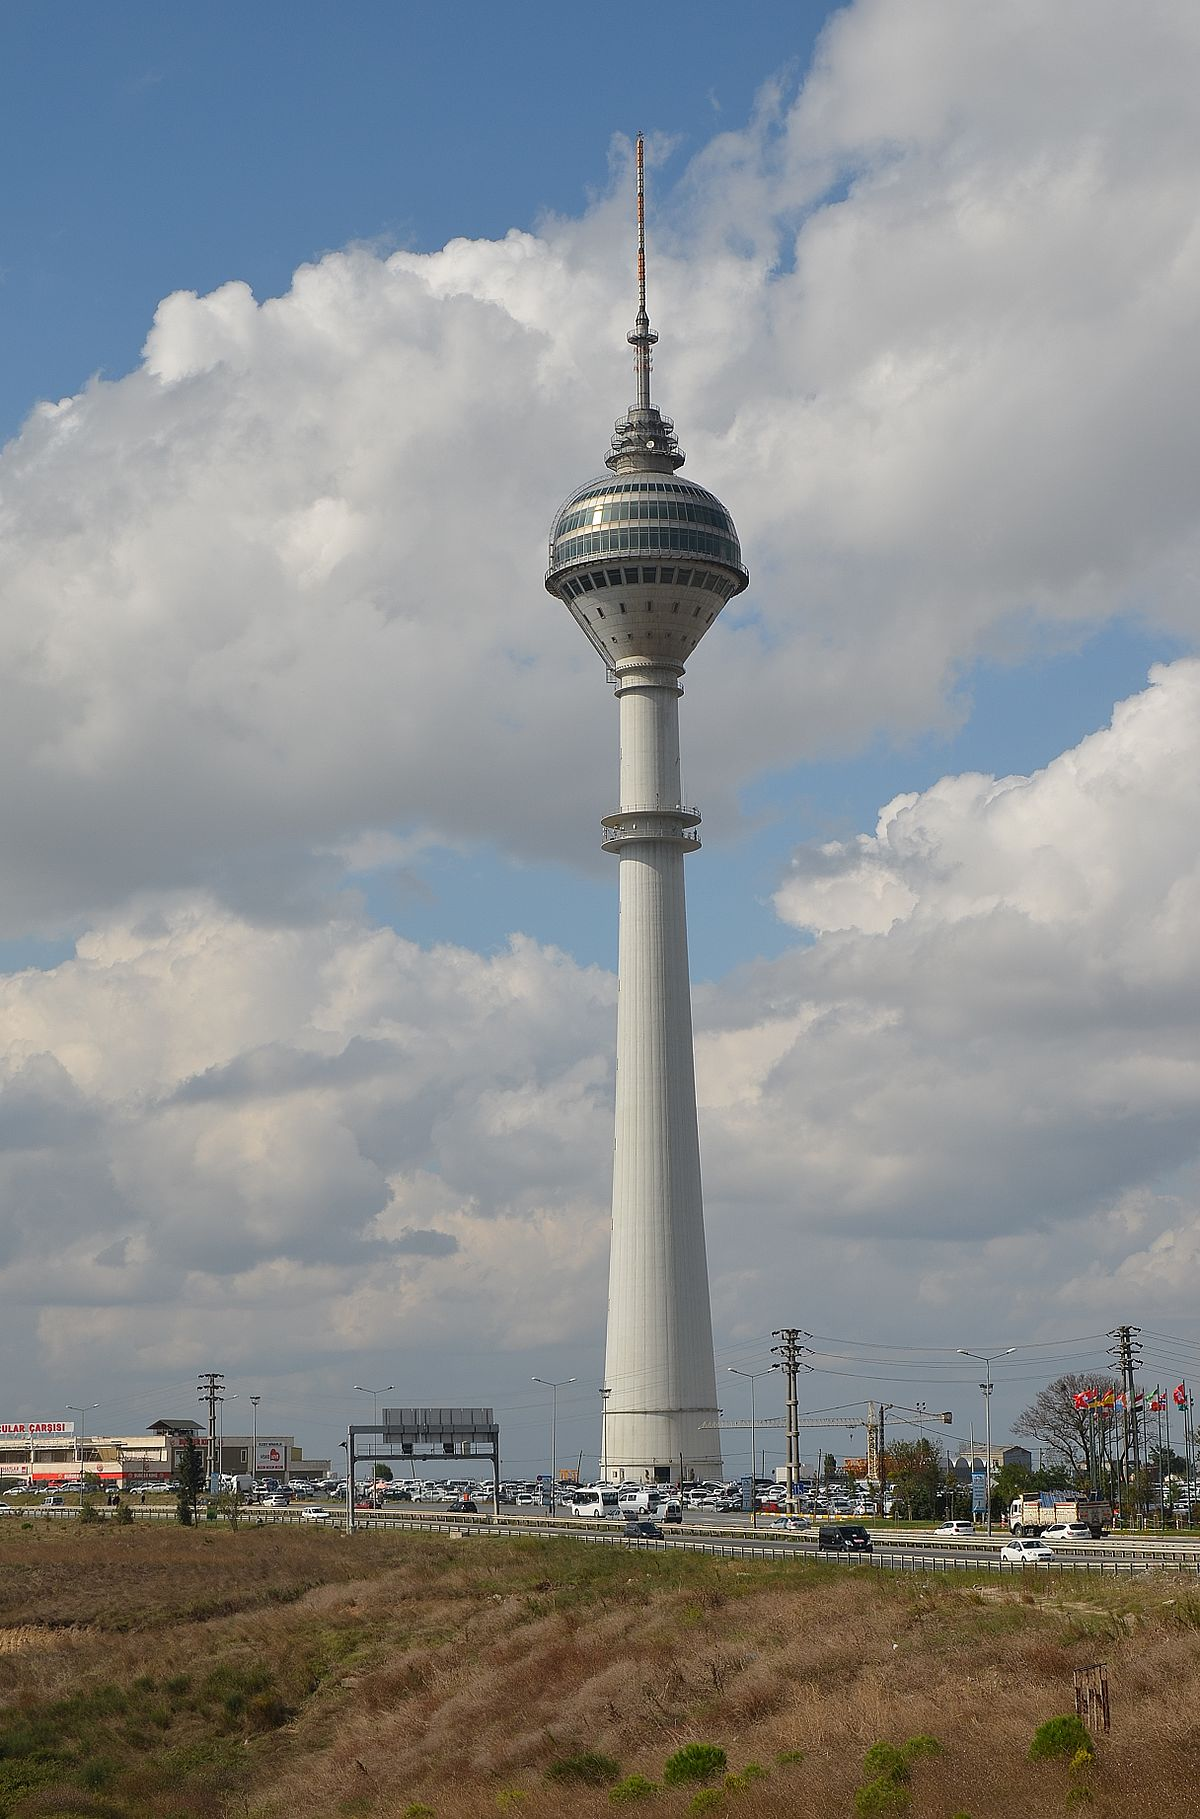 Endem Tv Tower